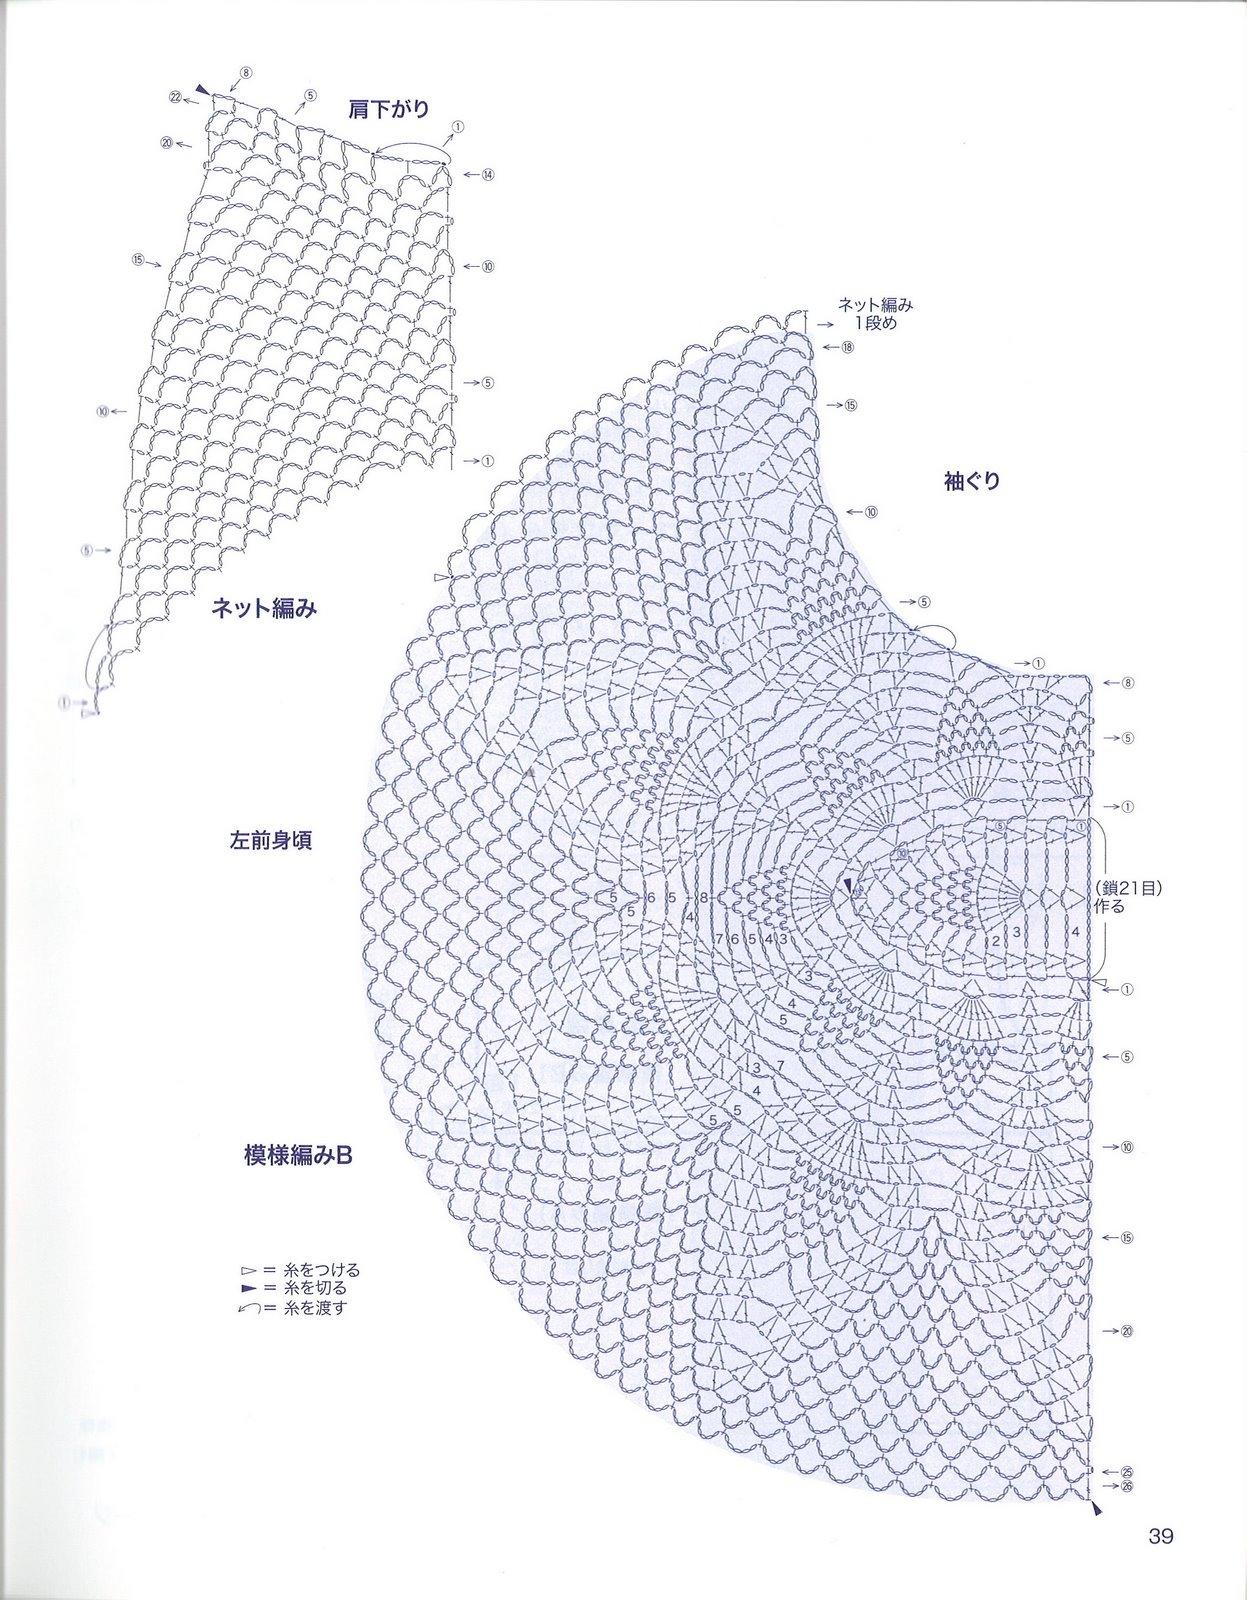 Patrones de candelabros japoneses pdf - Eur usd trading señales hoy